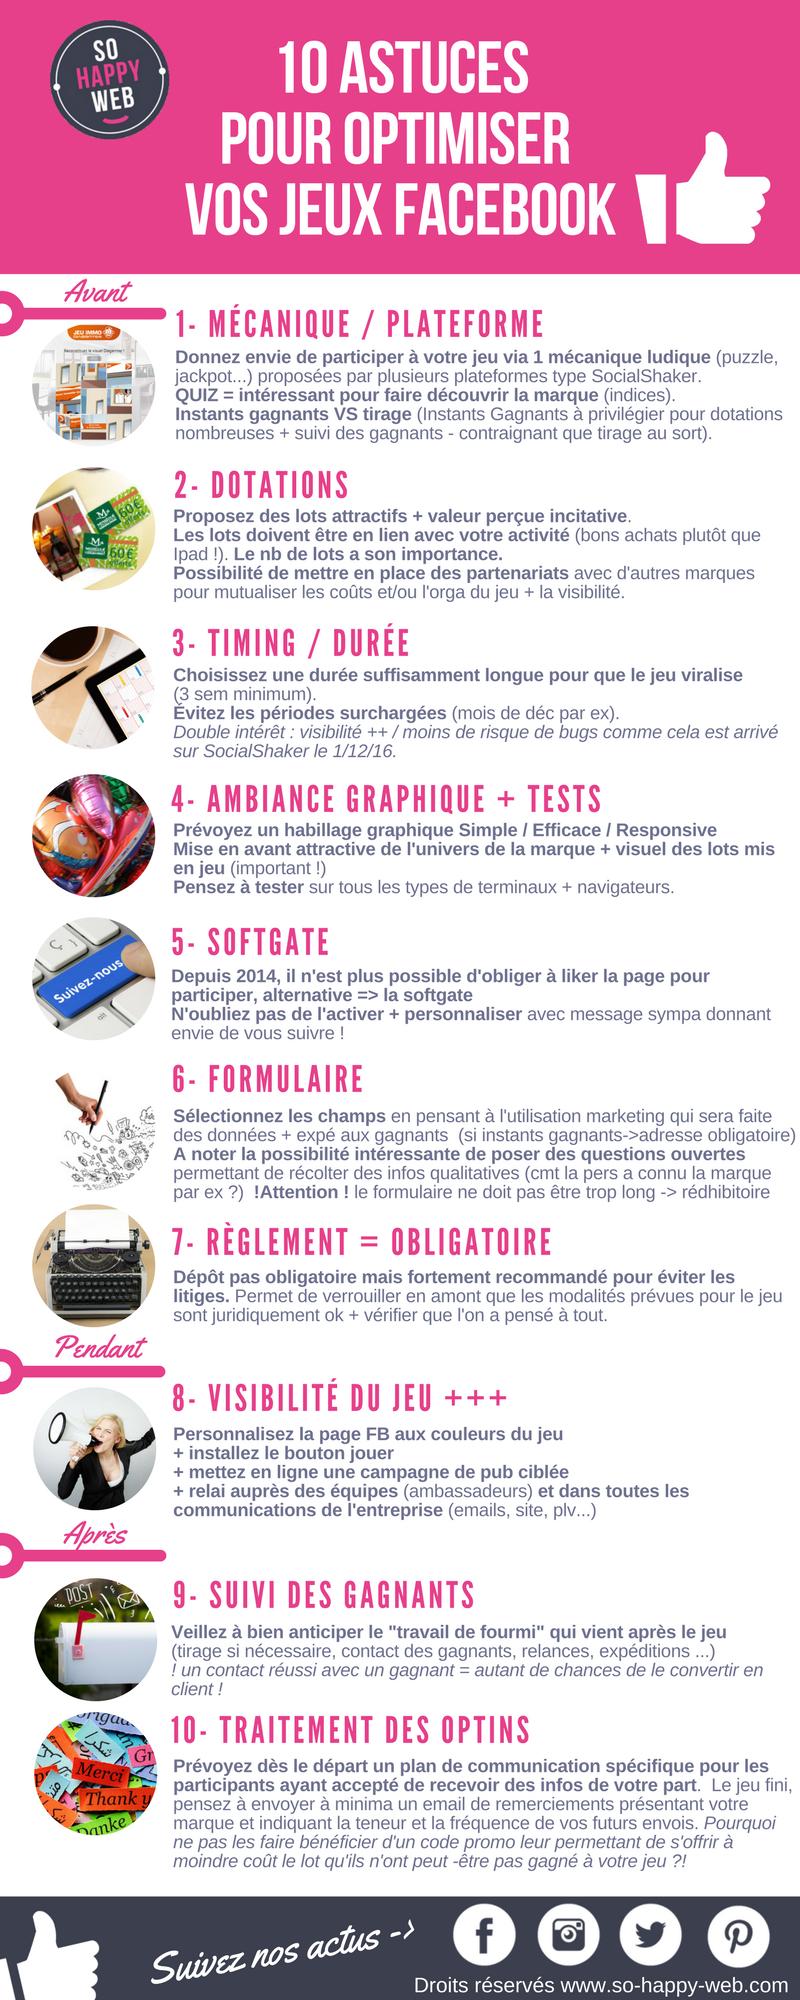 10 Astuces Pour Optimiser Vos Jeux Facebook ! - So Happy Web dedans Jeux Avec Des Questions